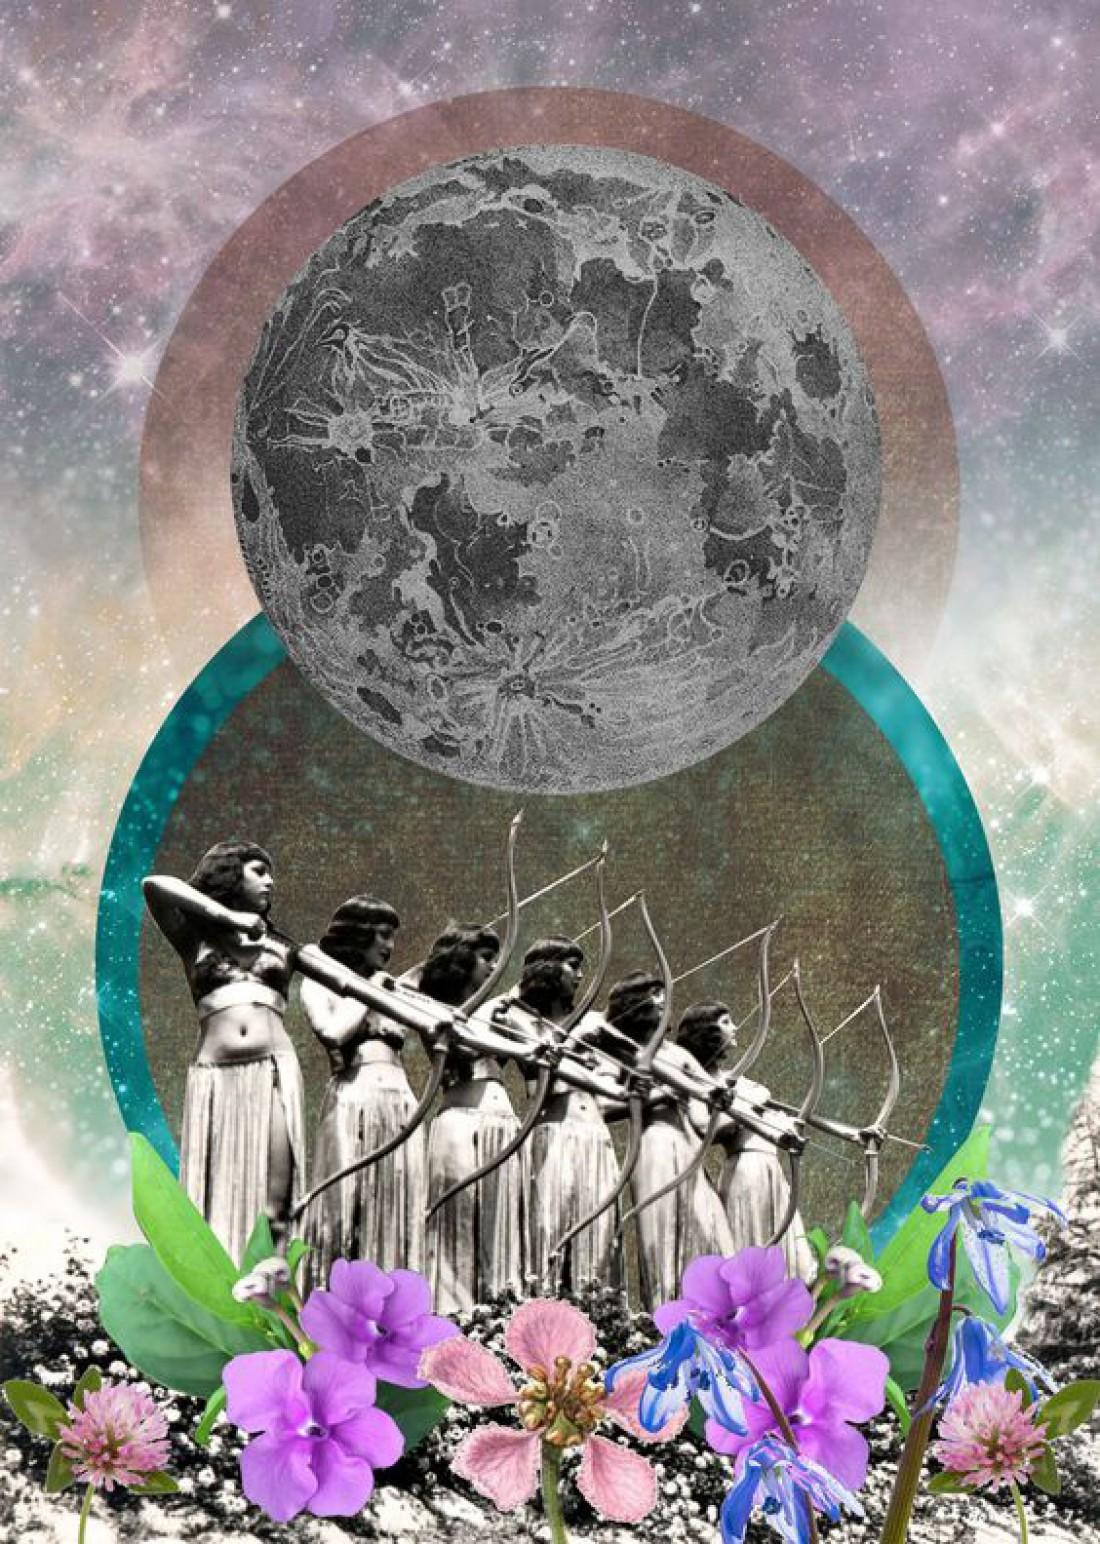 Полнолуние и Новолуние в ноябре 2019 года: даты и астрологический прогноз